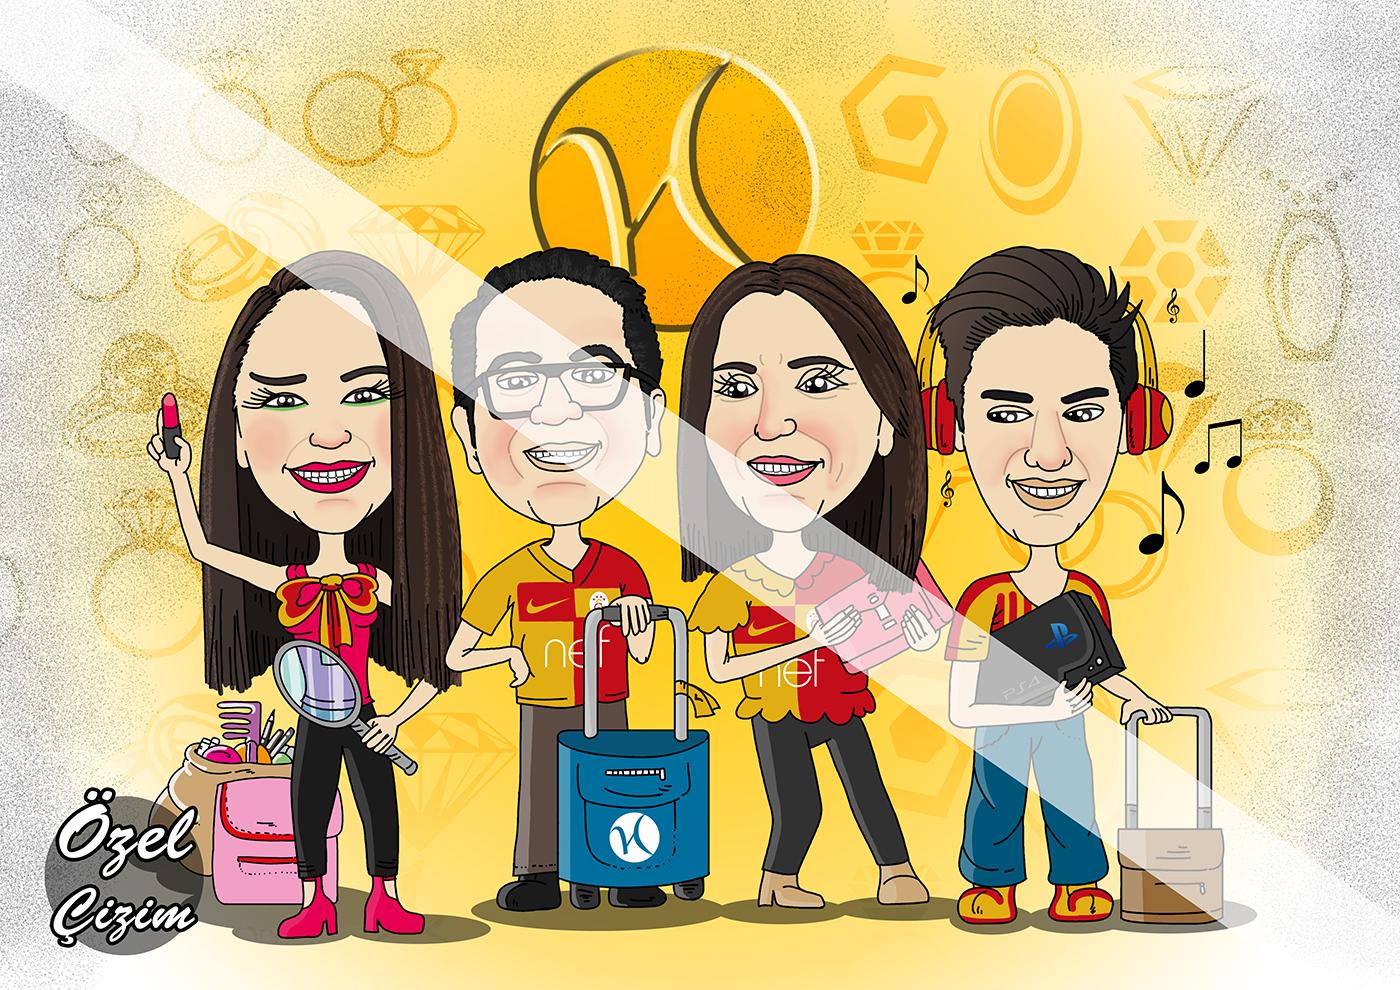 Hediye karikatür,Aileye hediye,Aile dostunuza,Yurt dışı hediye,Kuyumcuya hediye,Karı kocaya hediyeler,Galatasaray taraftarı hediye, taraftara hediye, Galatasaray, hediye portre, hediye sepeti,